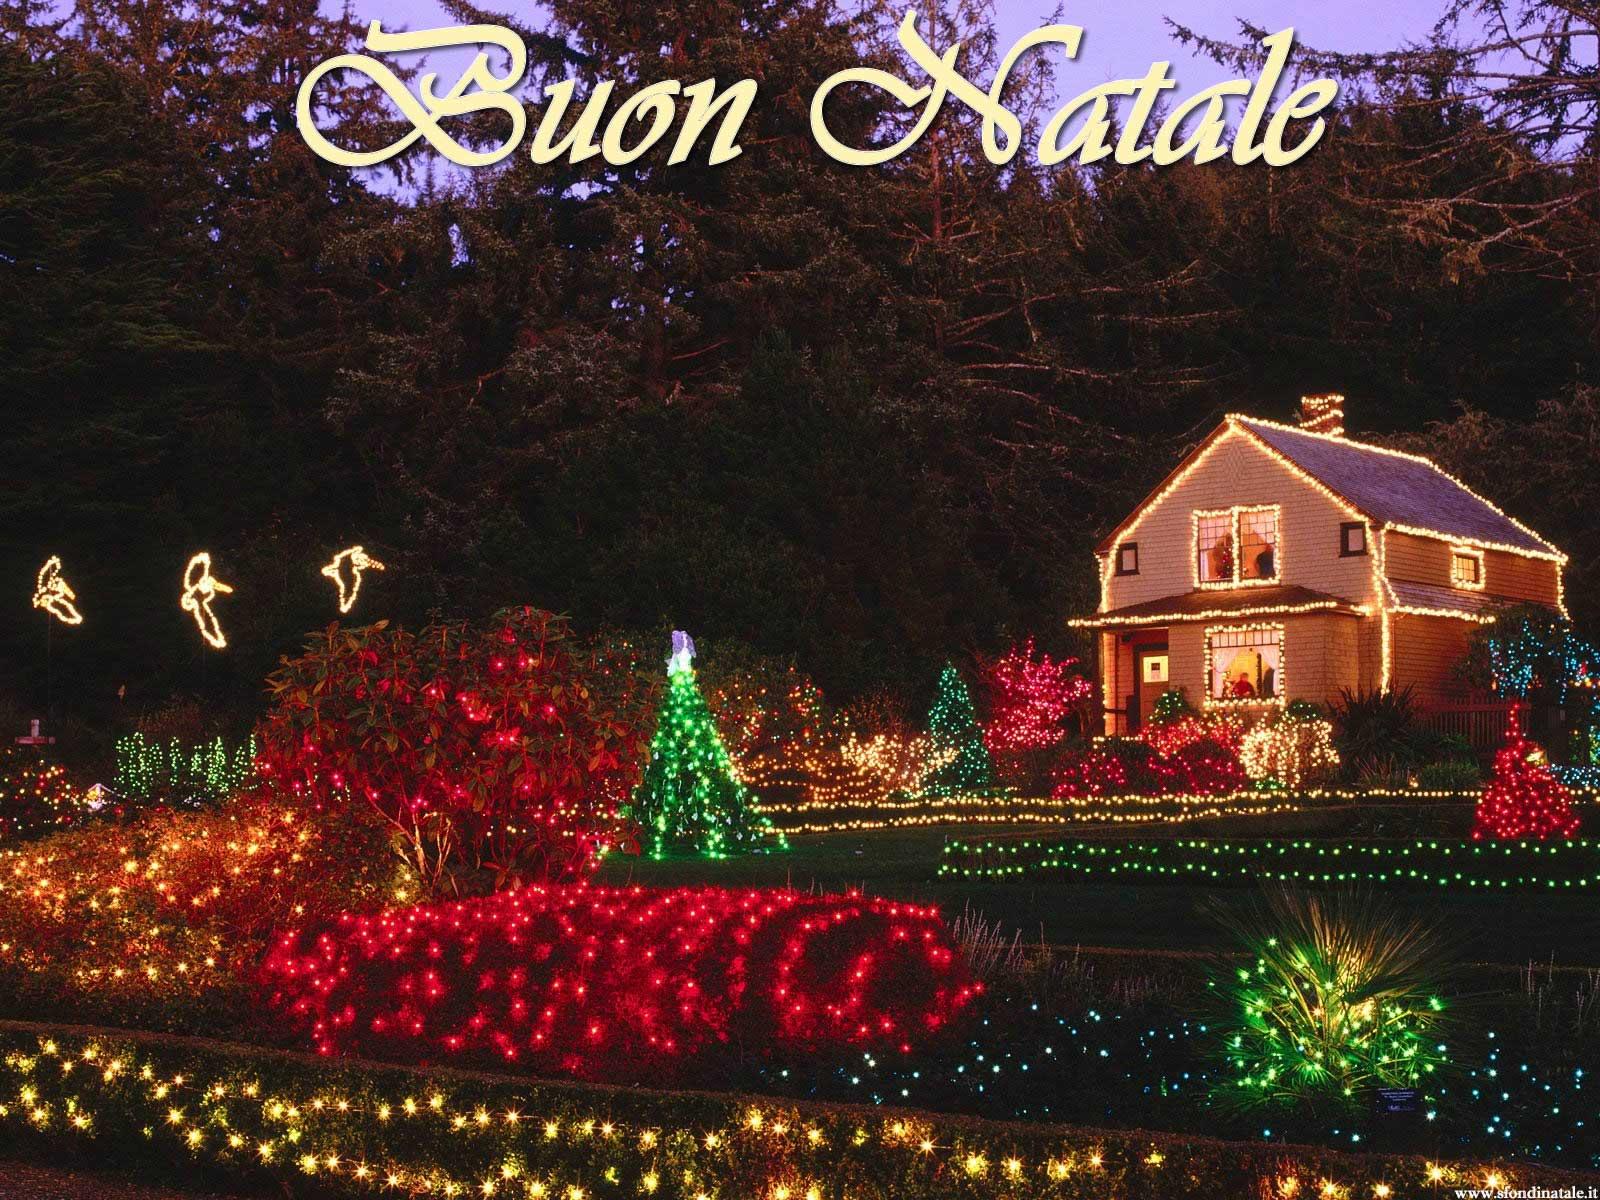 Sfondi Natale - Sfondo natalizio casa addobbata